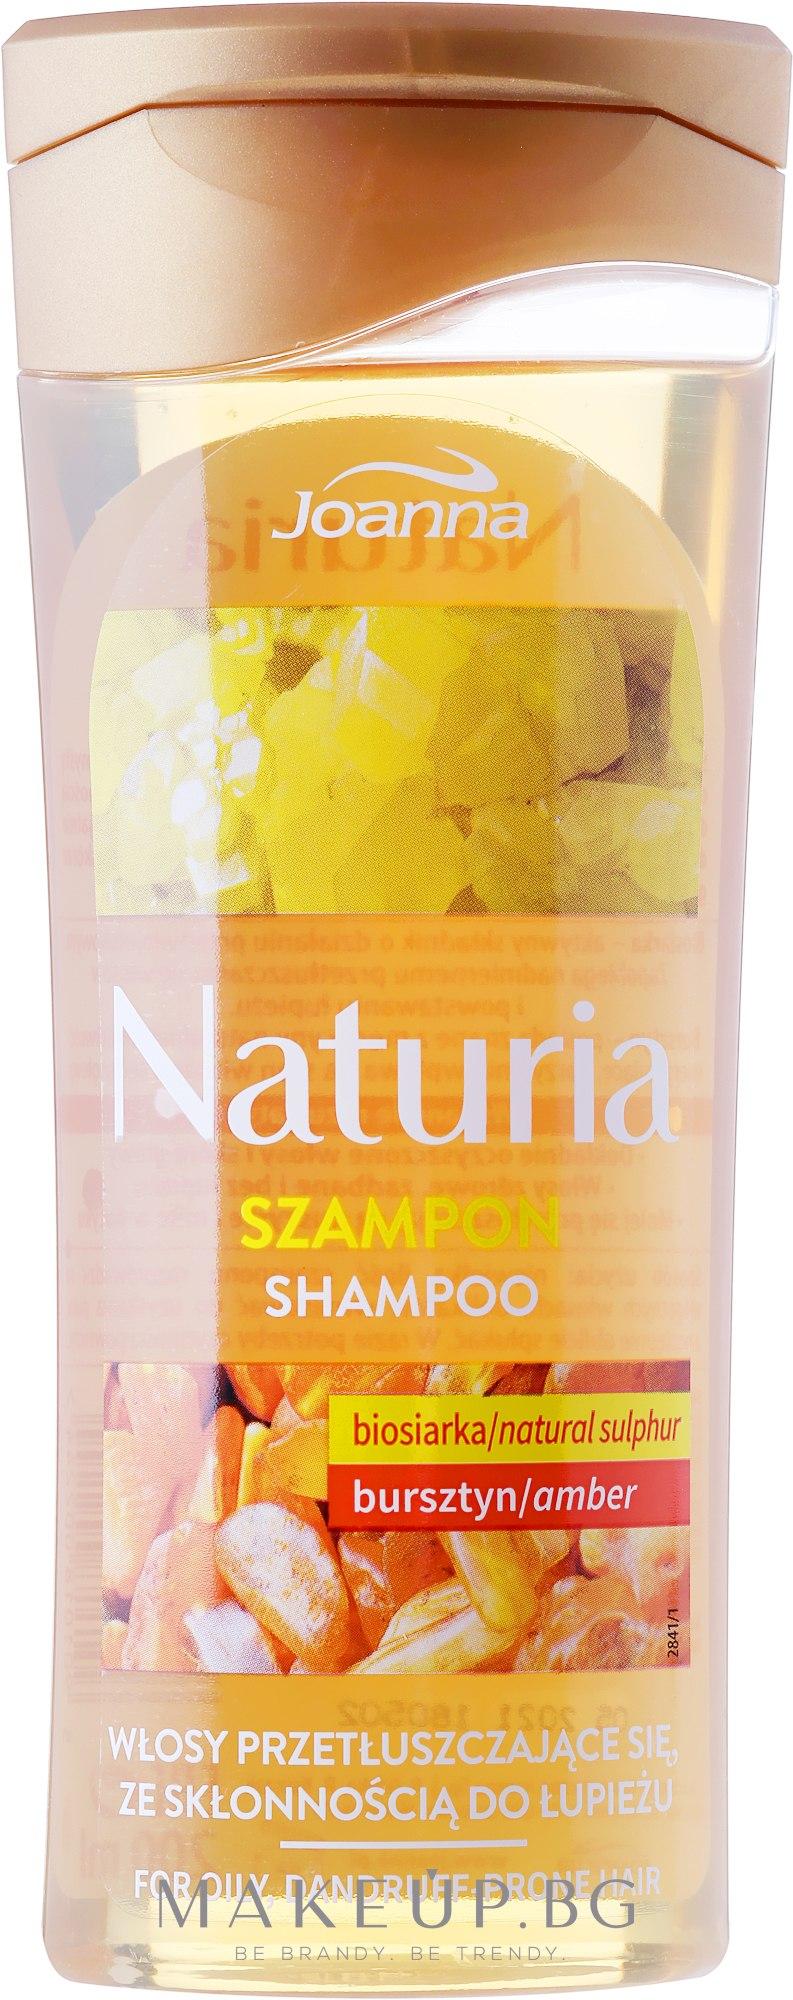 Шампоан за коса с био сяра и кехлибар - Joanna Naturia Shampoo Biosandar And Amber — снимка 200 ml